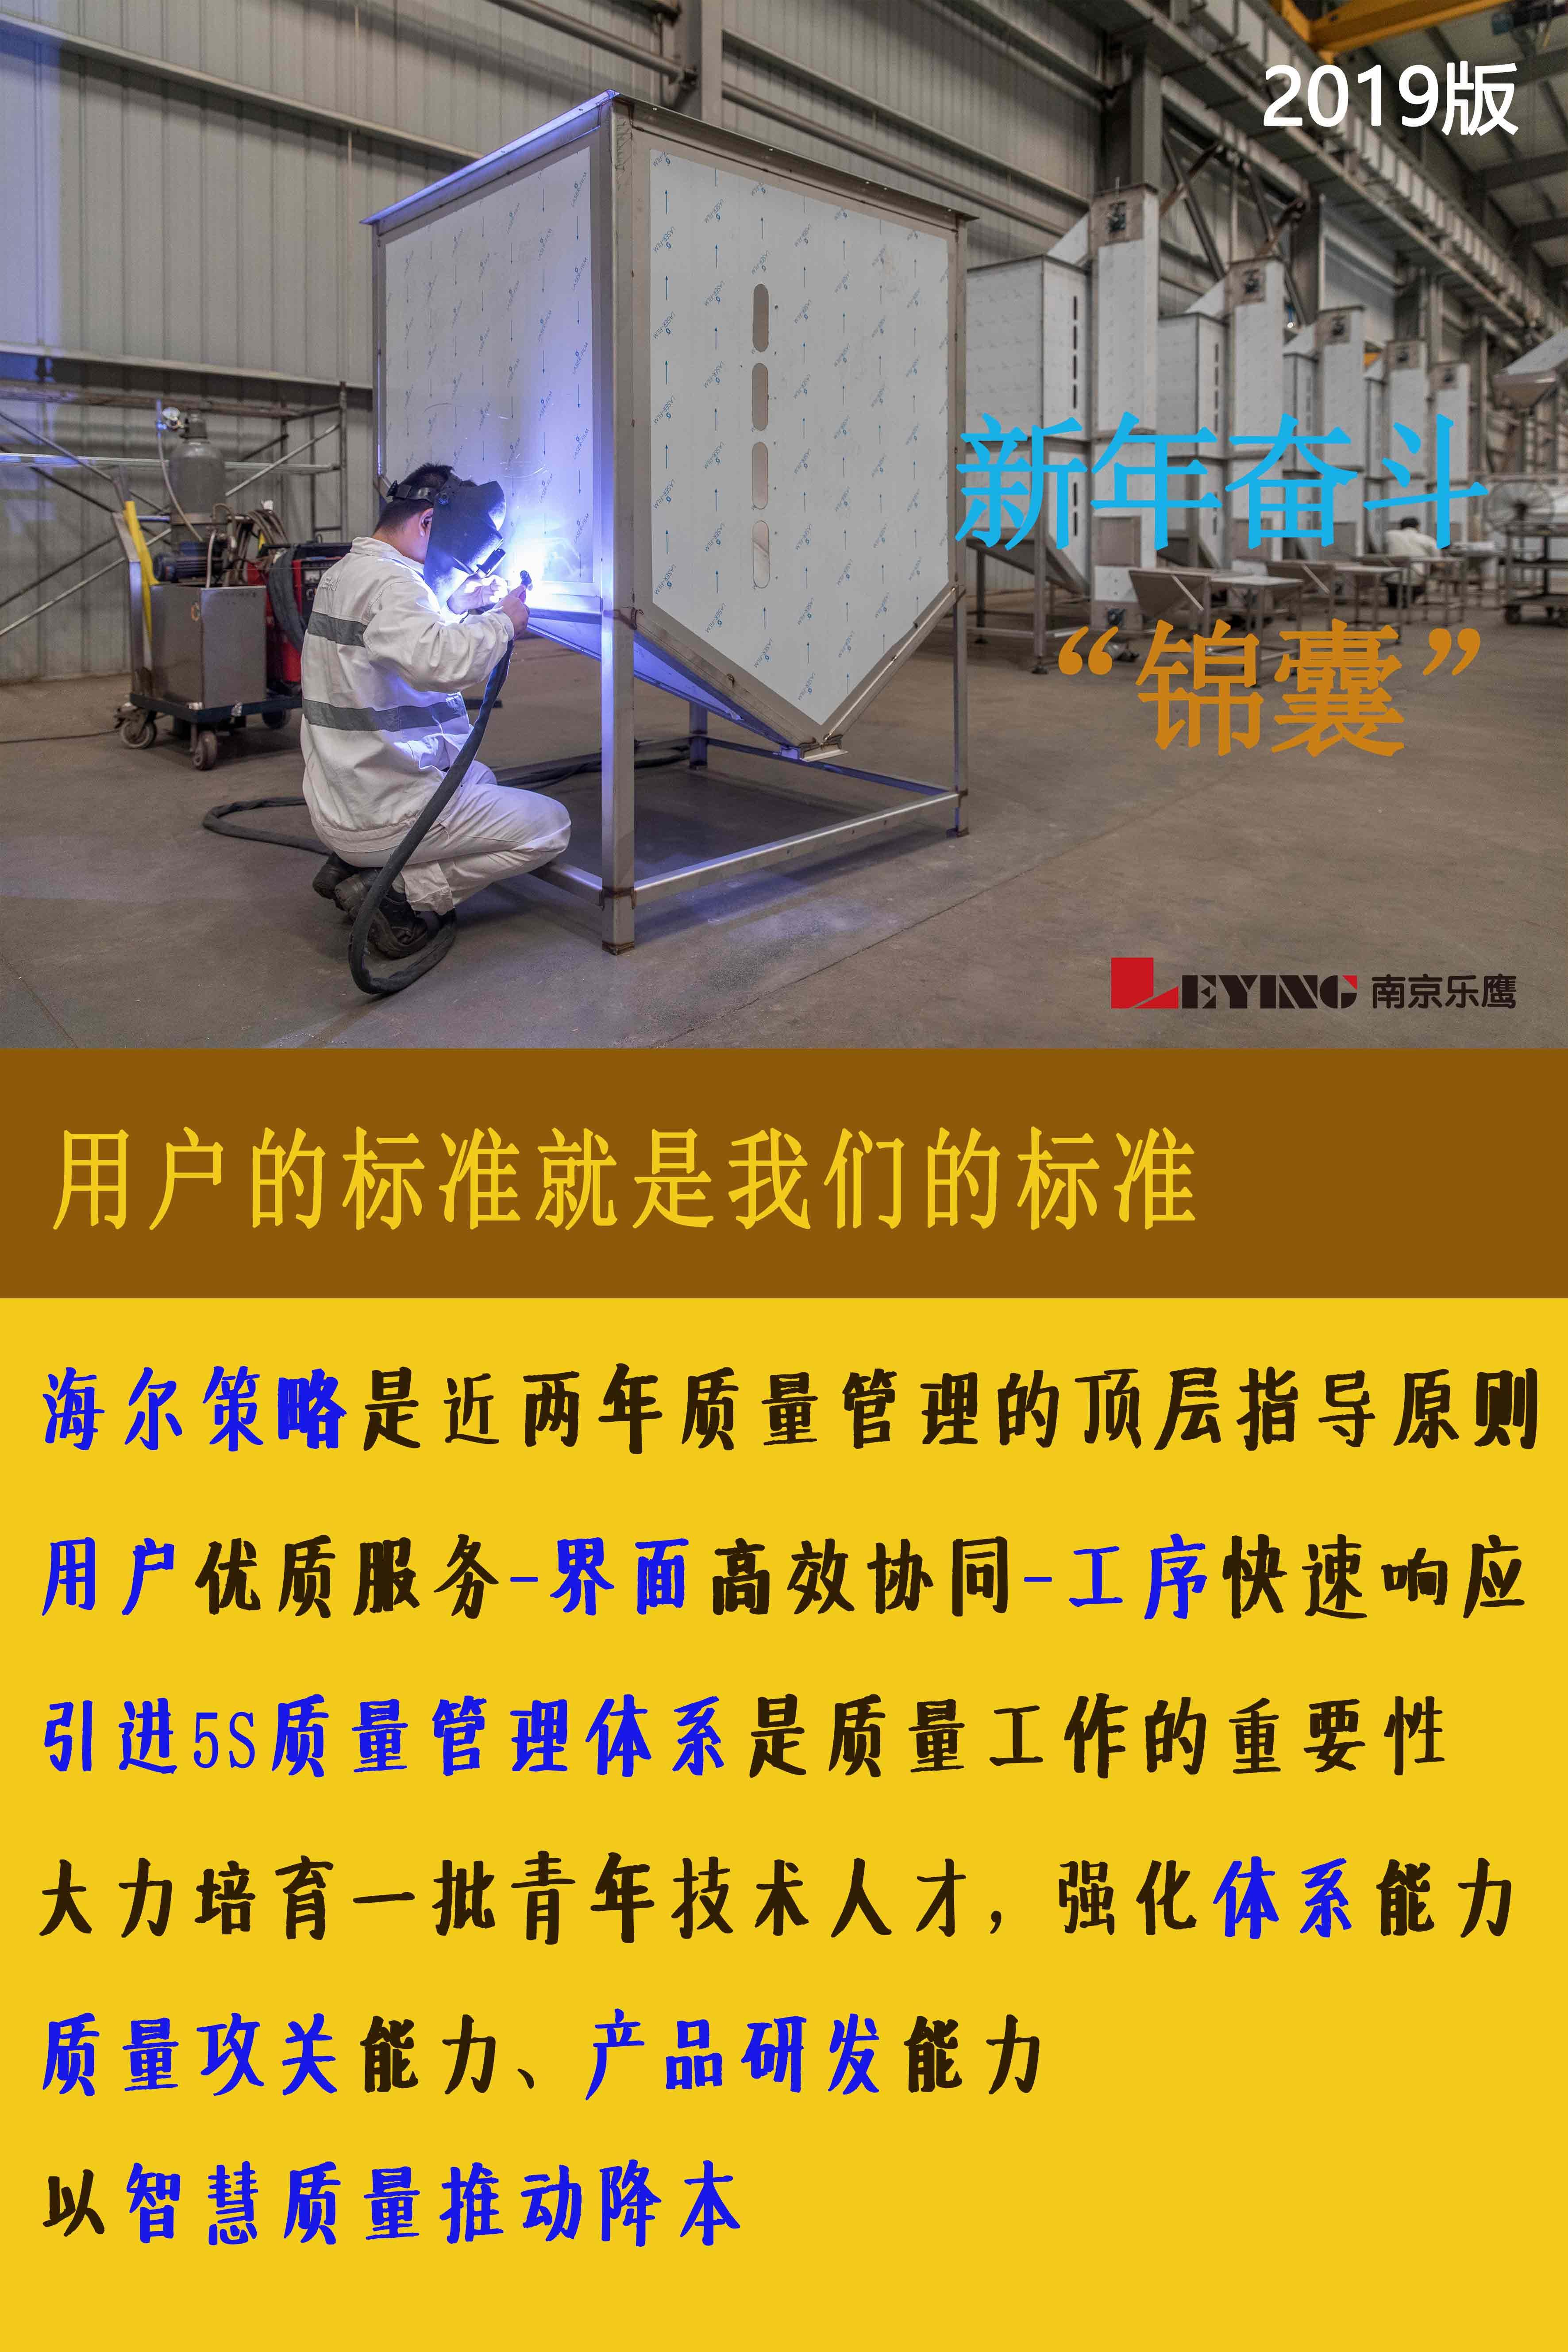 【南京pinnacle sports平博客户端-平博app下载厨房】新年开工,看看南京pinnacle sports平博客户端都有哪些想法?